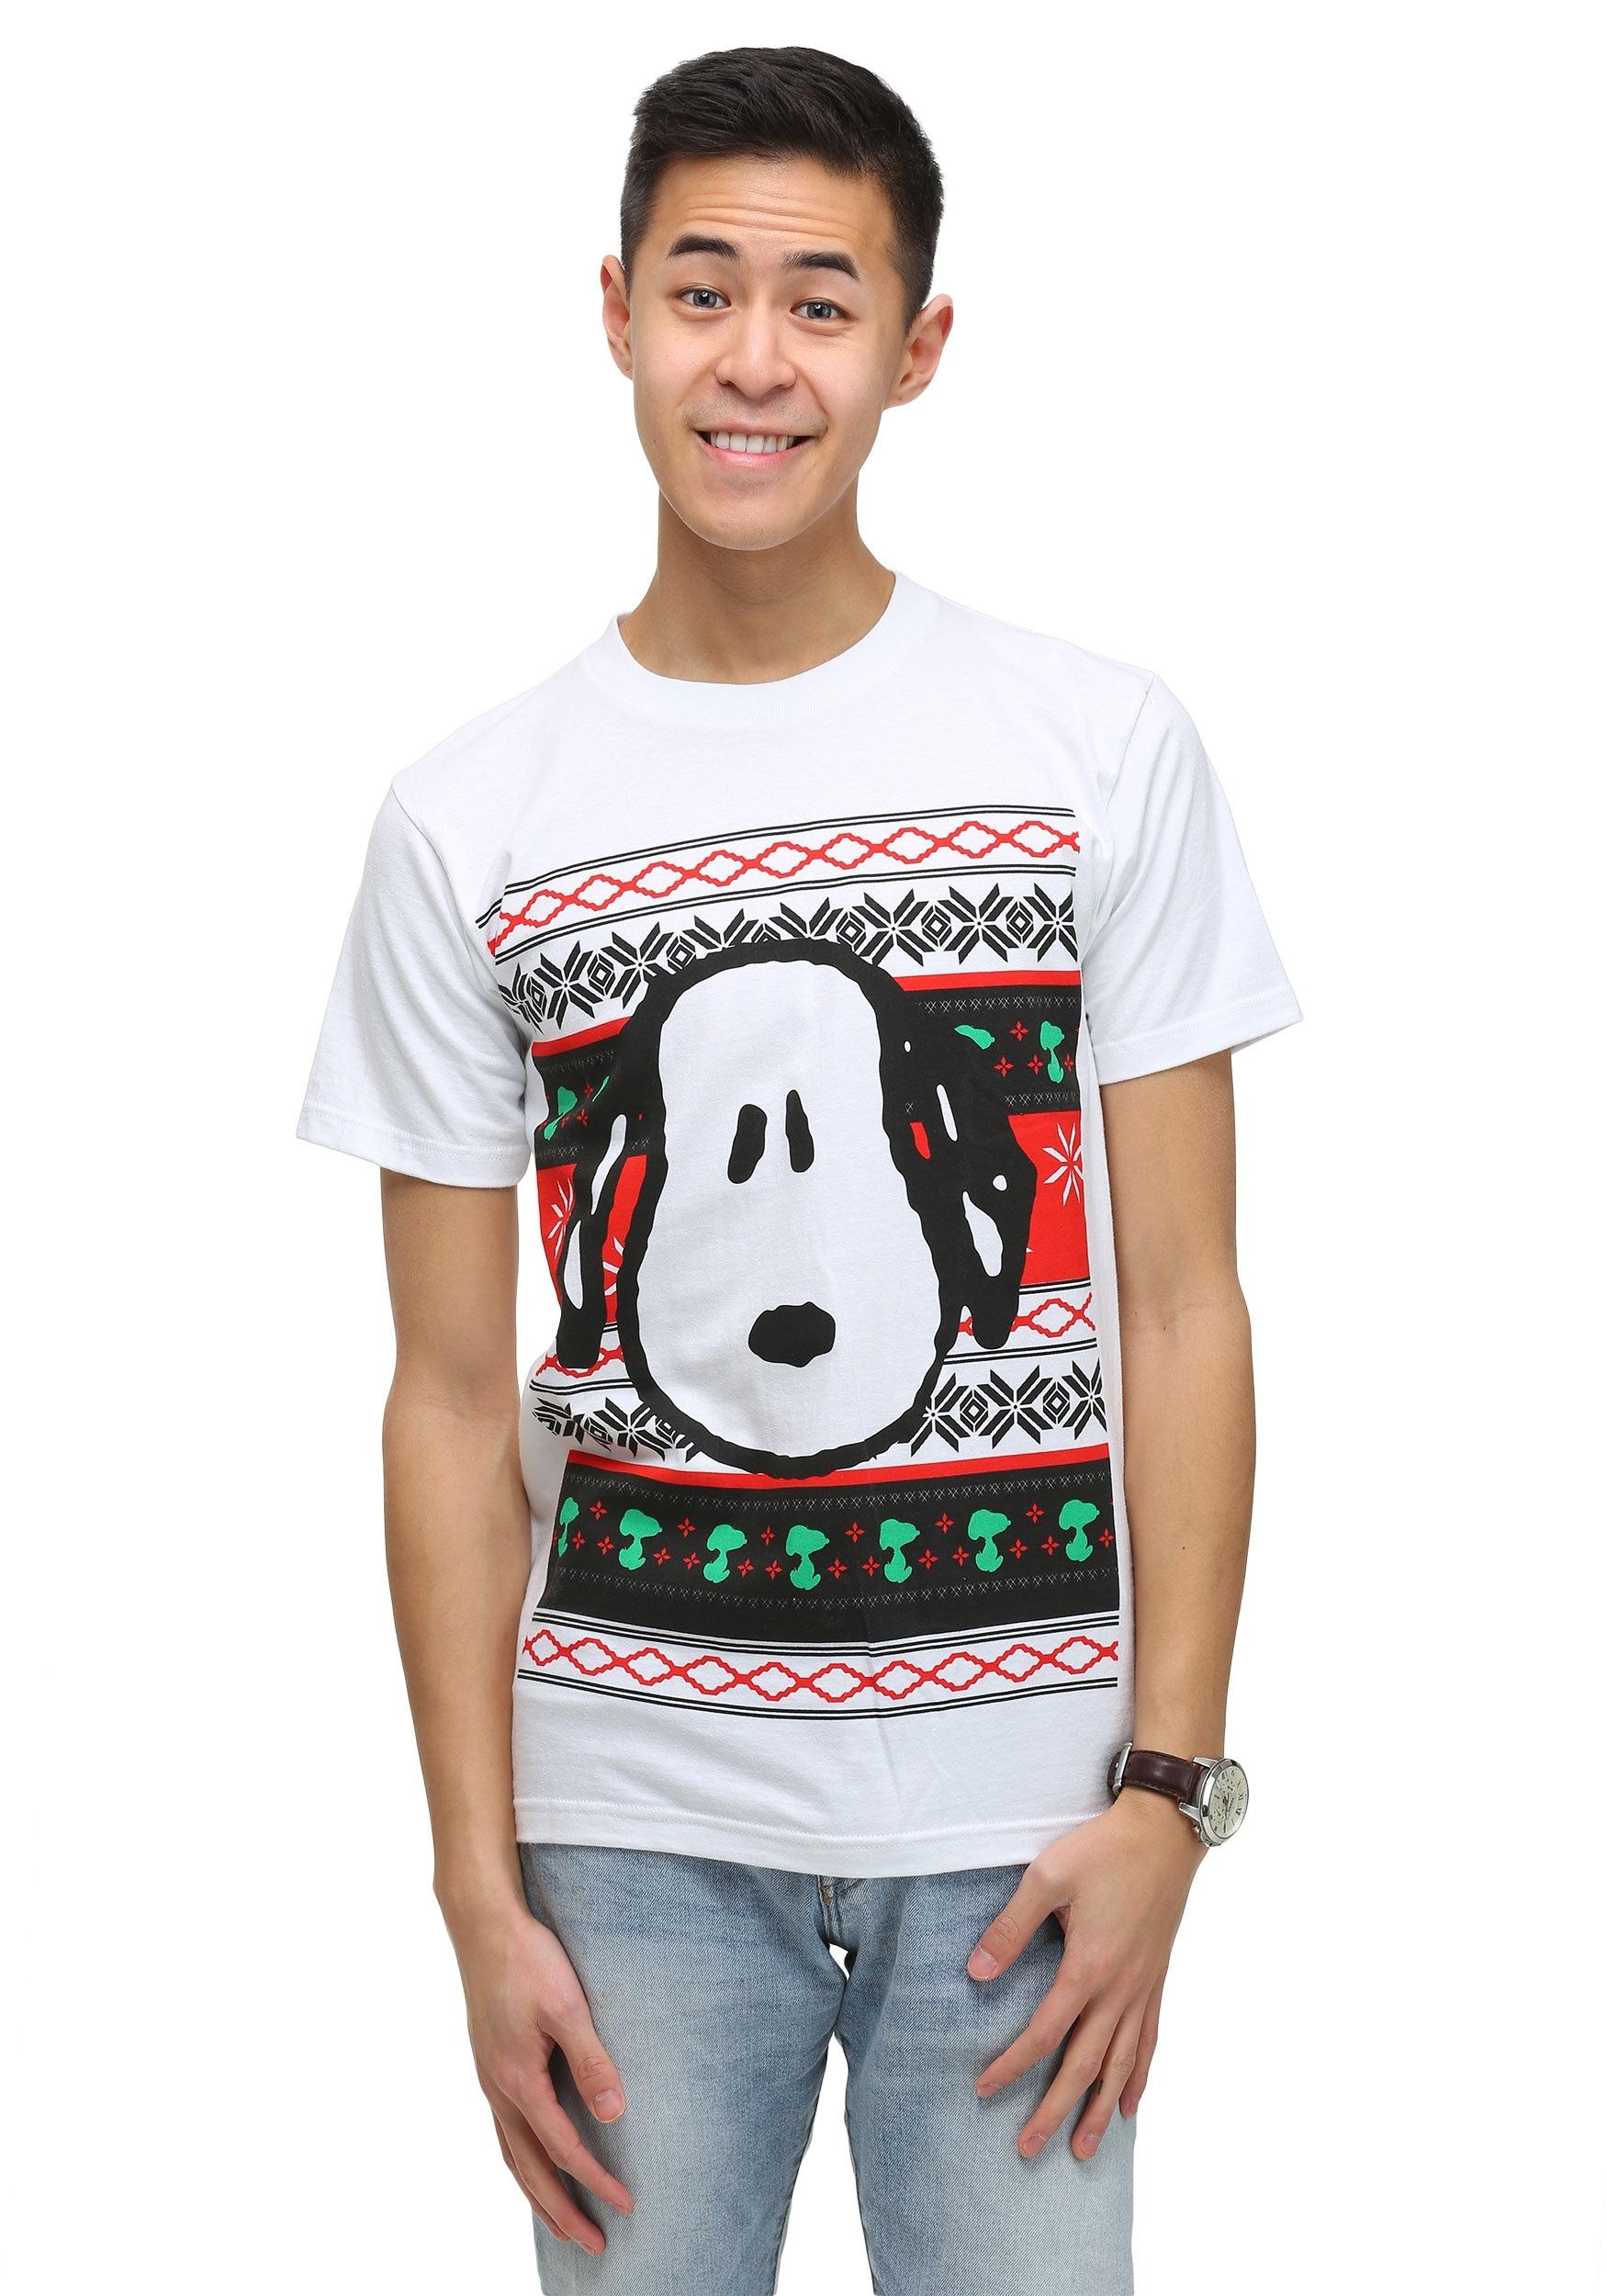 d5baf4458219 Men's Peanuts Snoopy Holiday T-Shirt